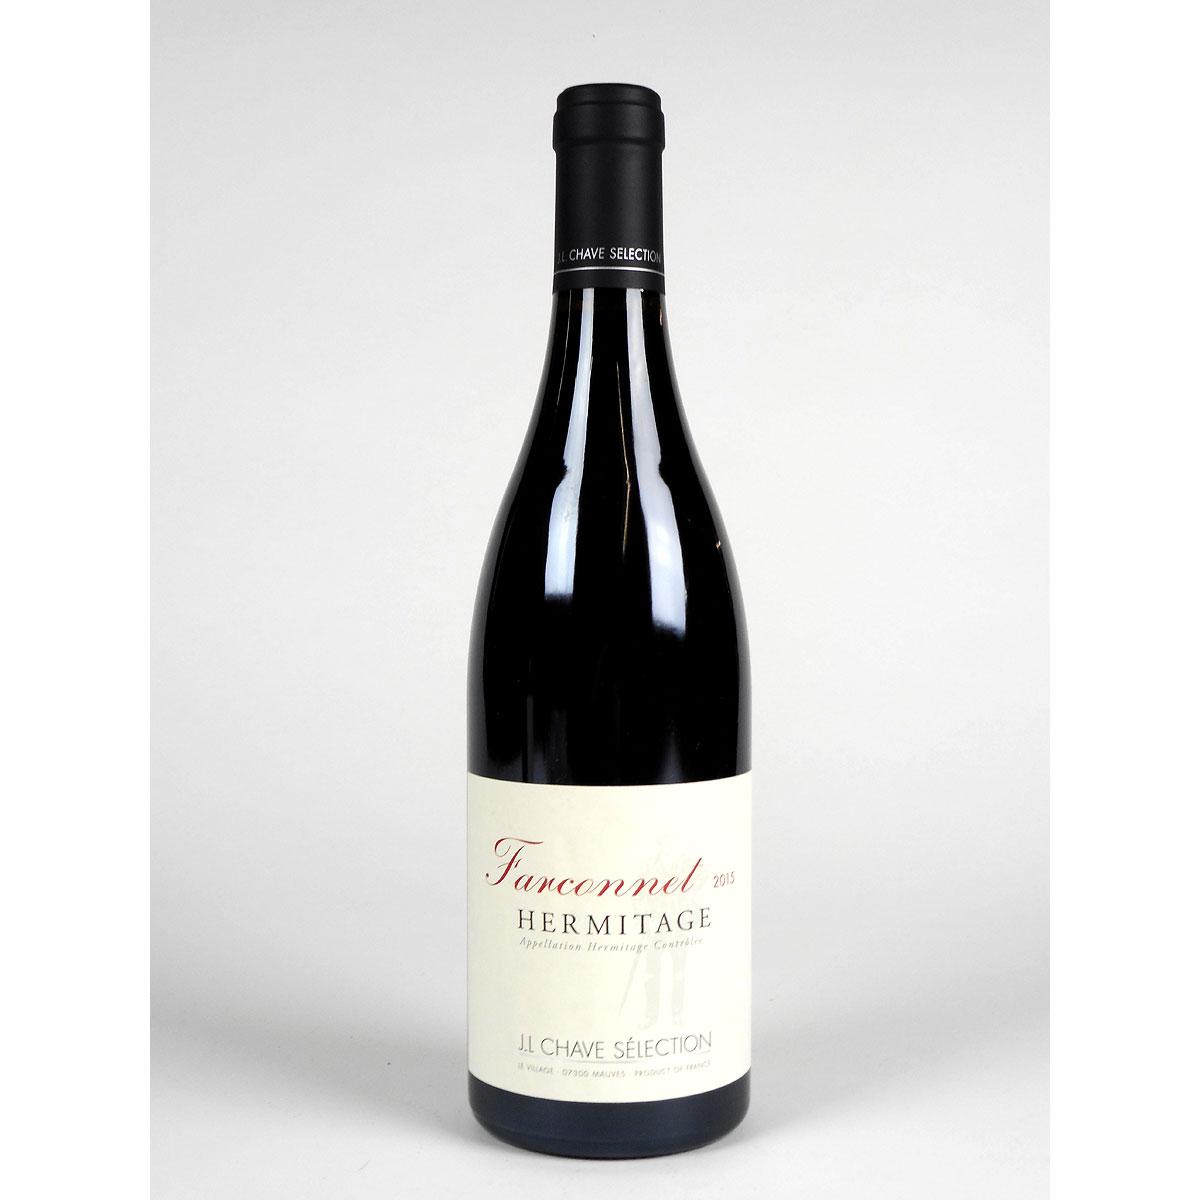 Hermitage: Jean-Louis Chave Sélection 'Farconnet' Rouge 2015 - Bottle